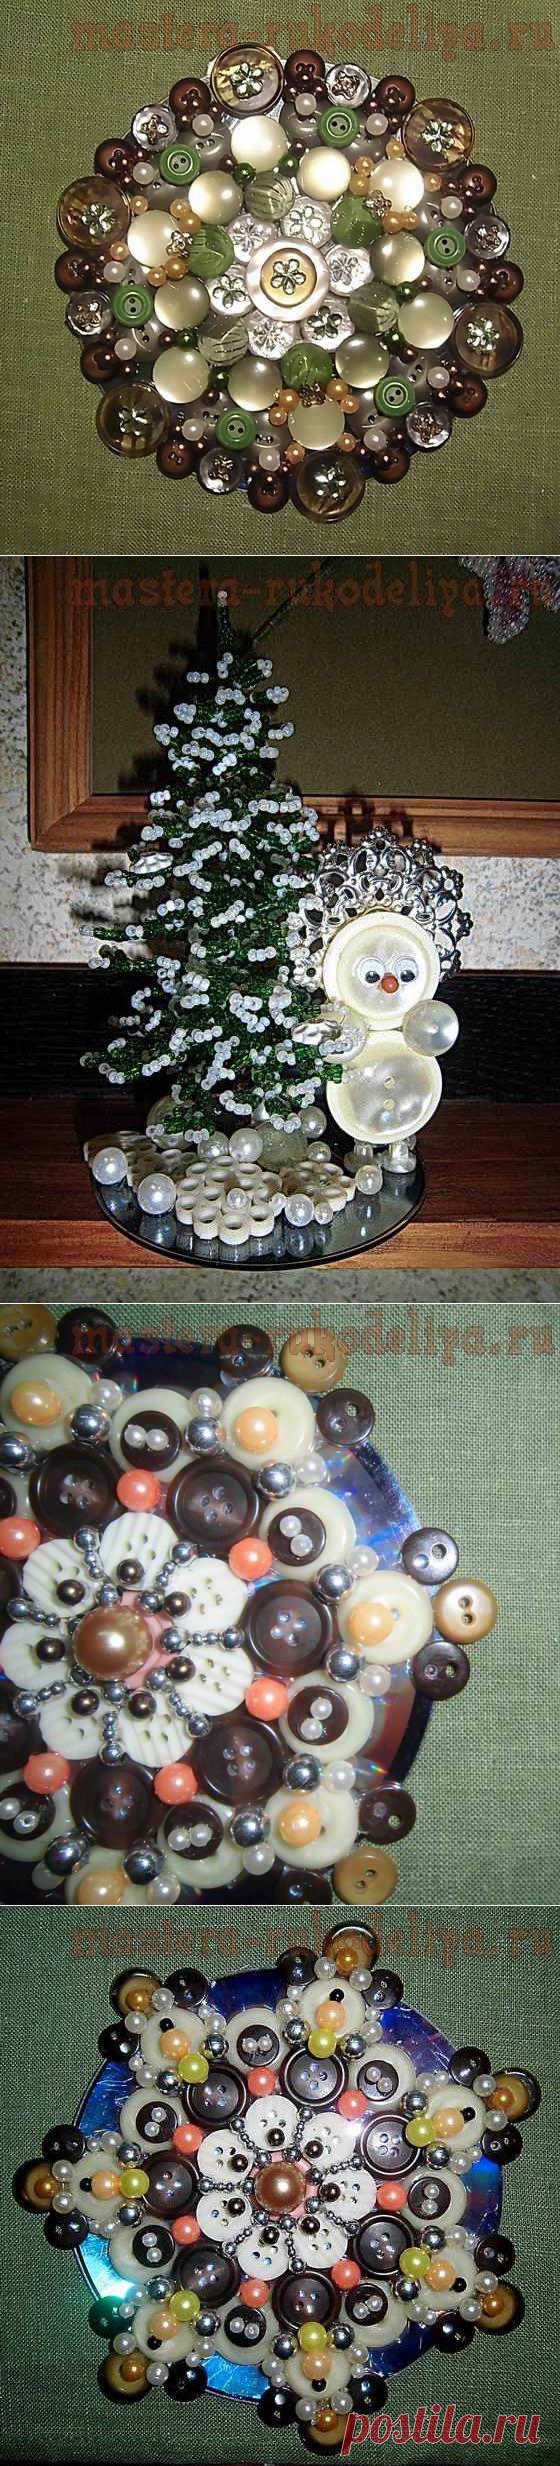 Los copos de nieve de los botones y los CD-discos